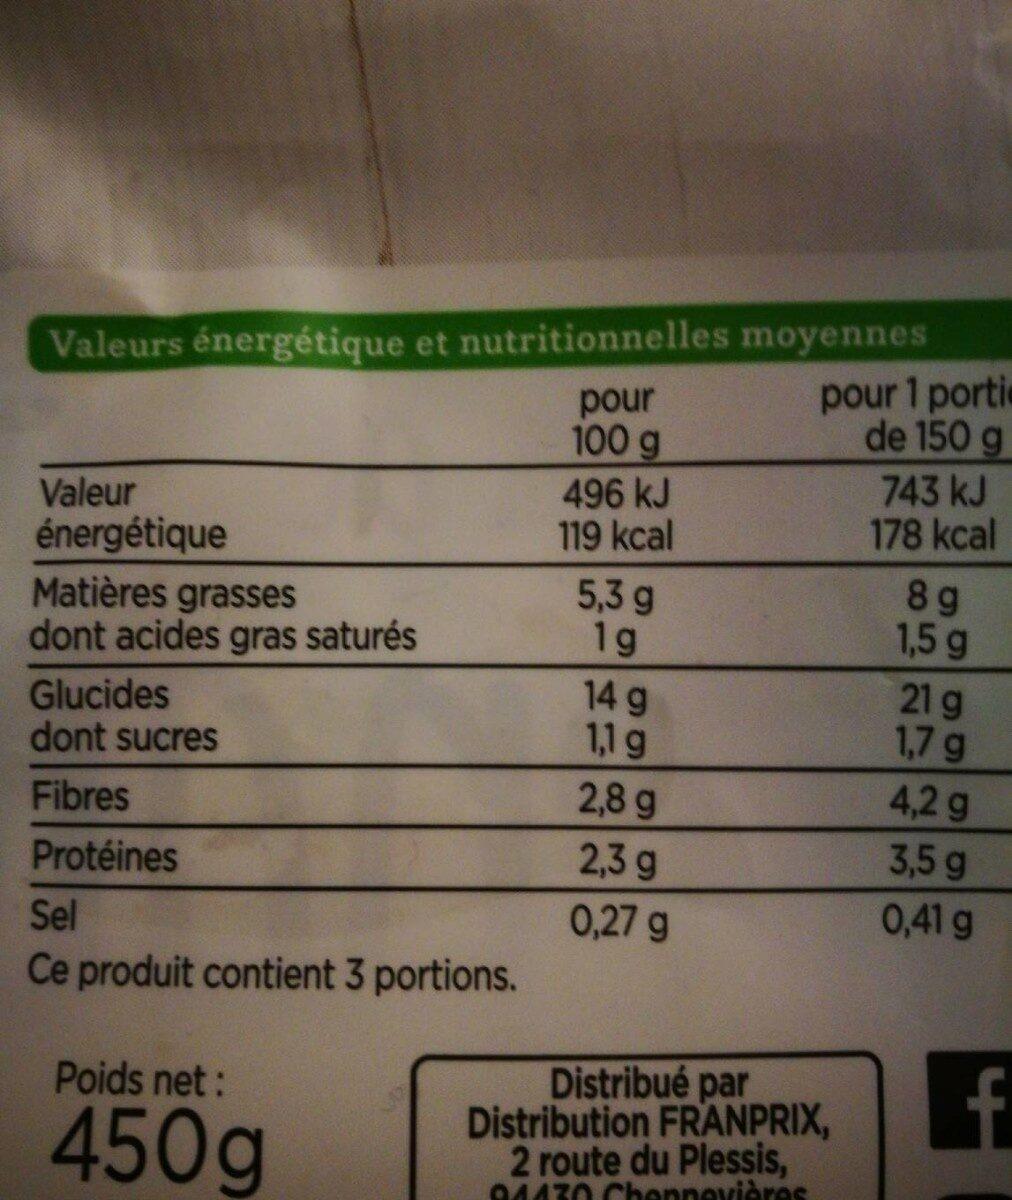 Pomme de terre grenaille - Informations nutritionnelles - fr